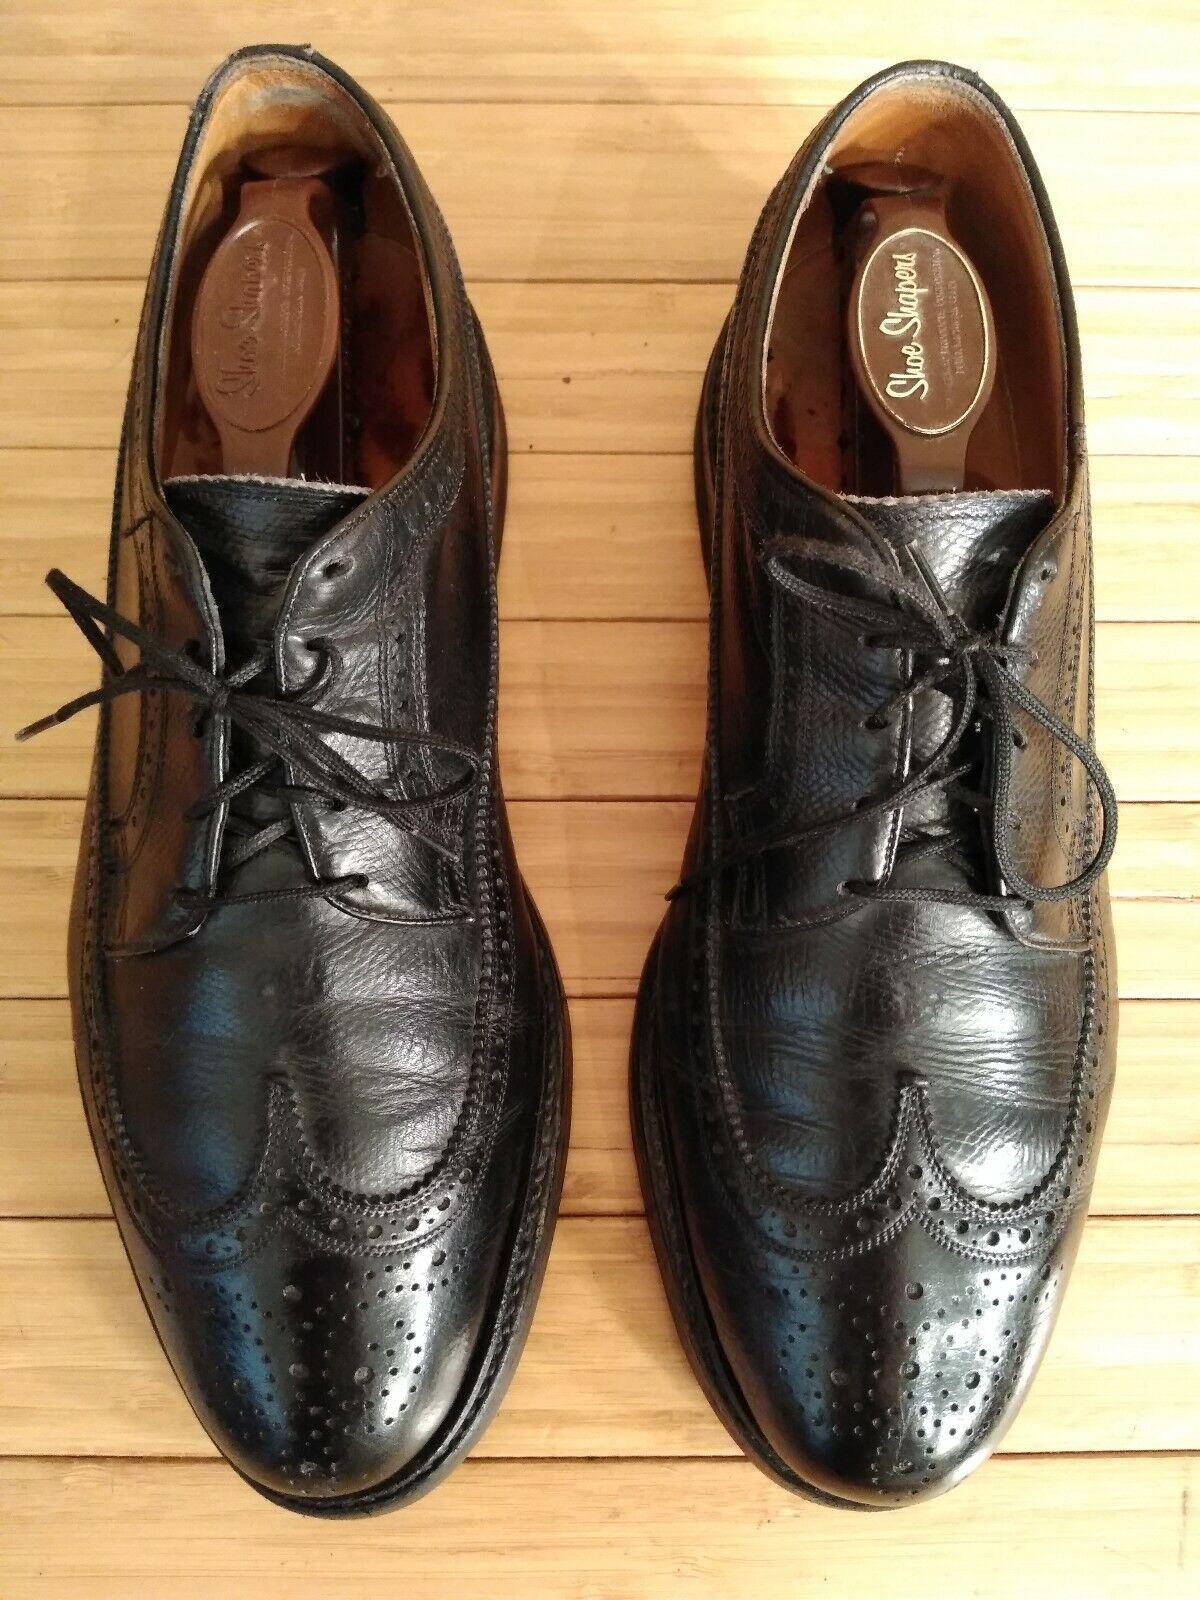 Florsheim Royal Imperial Vintage Wingtips Dress shoes. Men's 9.5 D